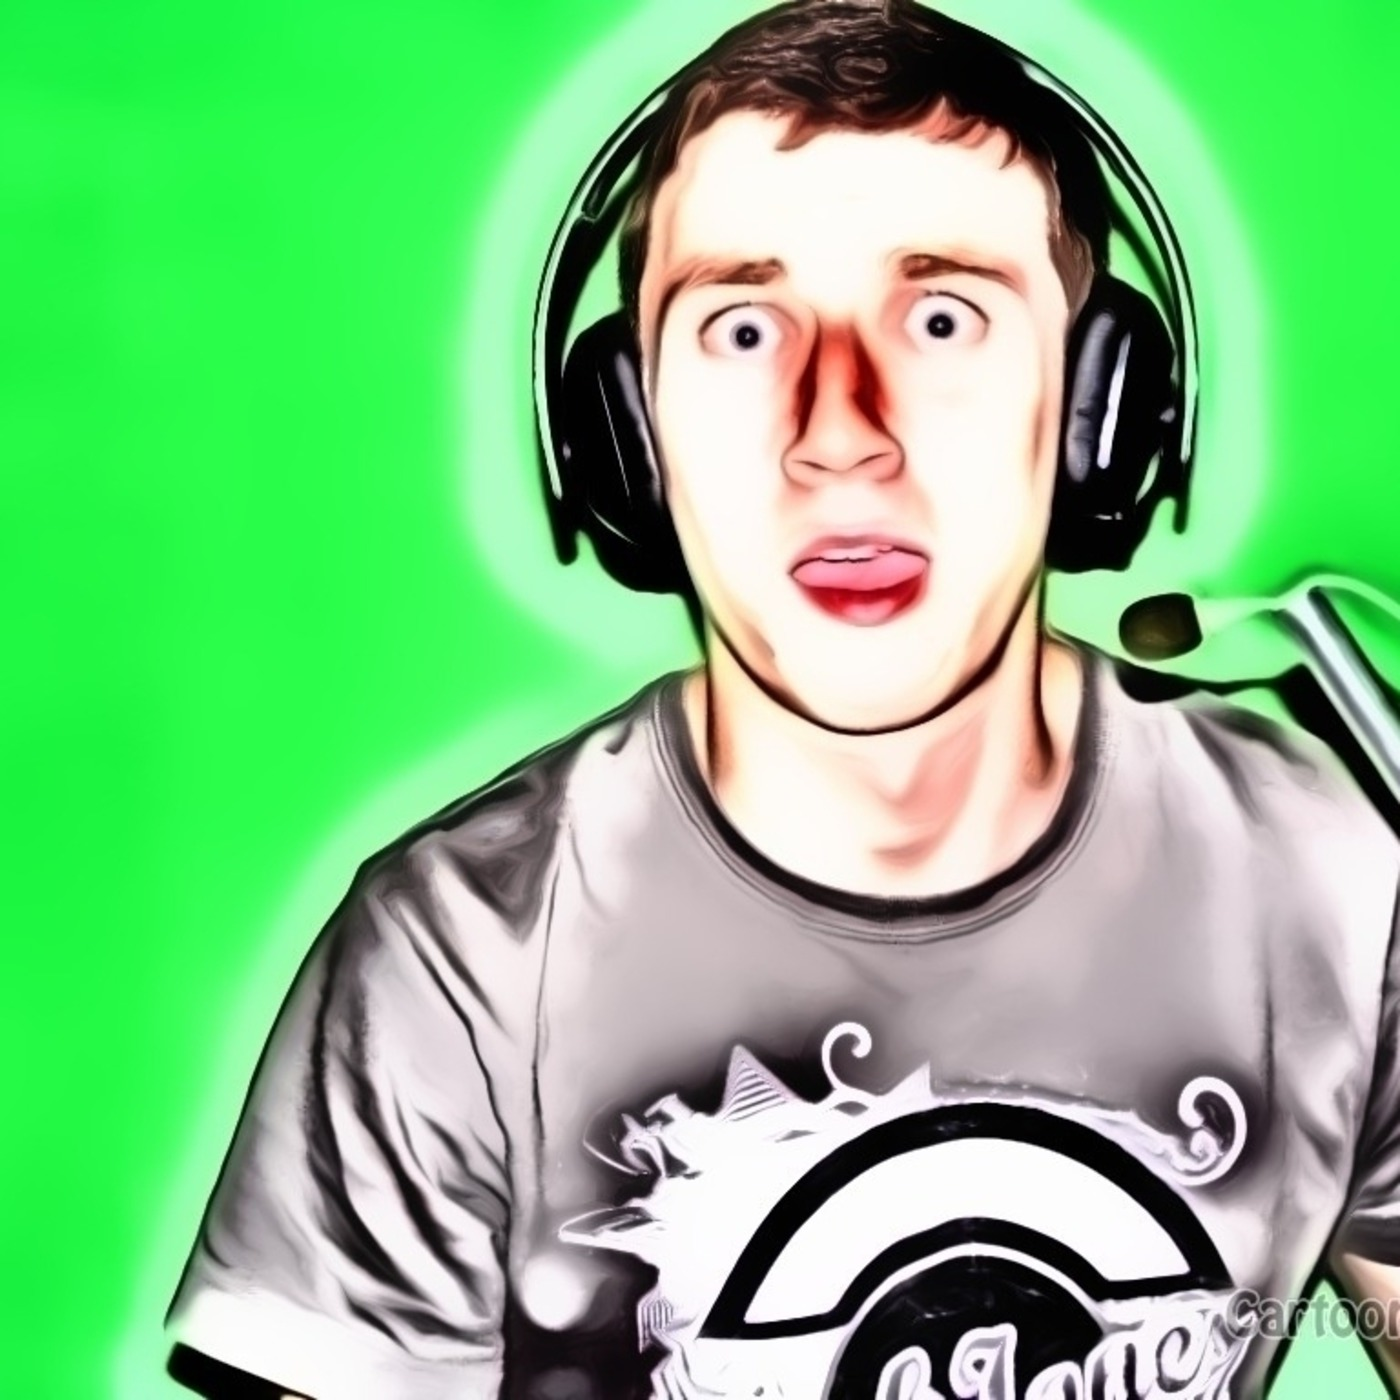 Vlogcast